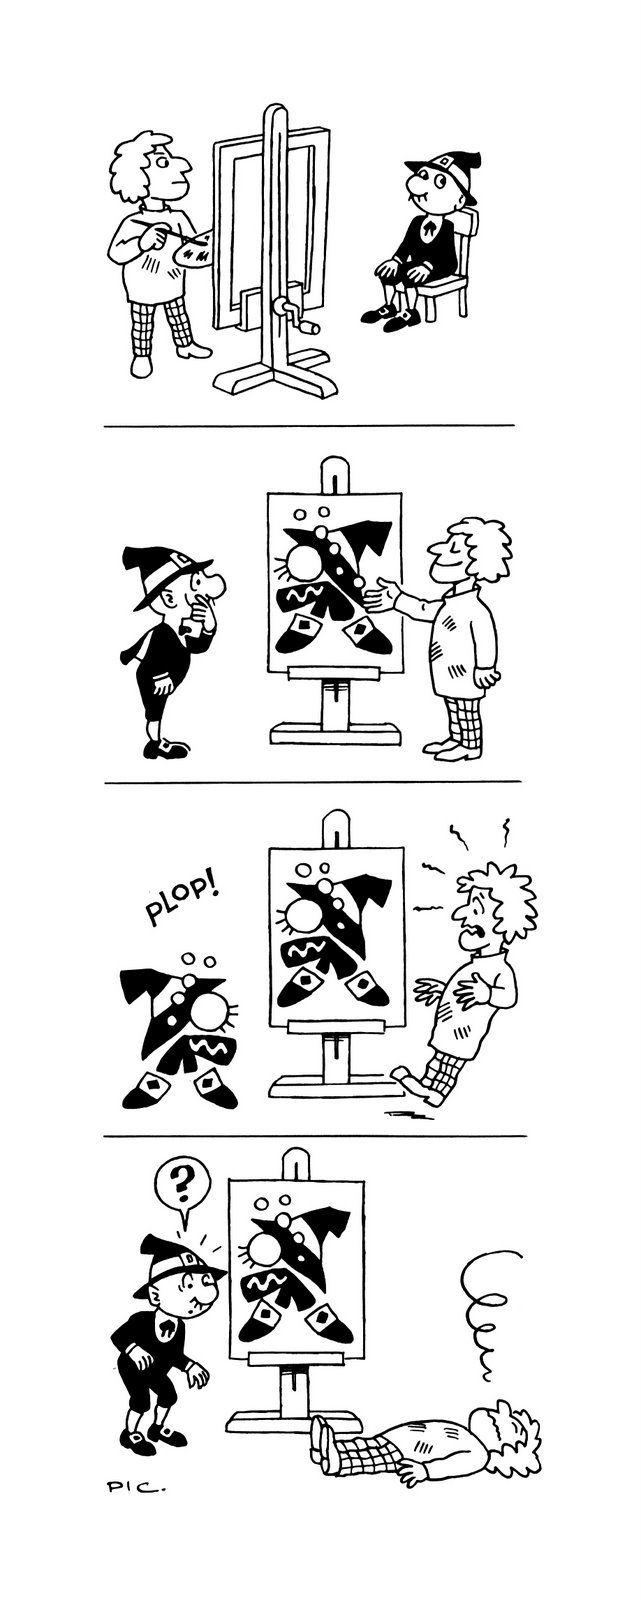 Ot el bruixot! | Comics | Pinterest